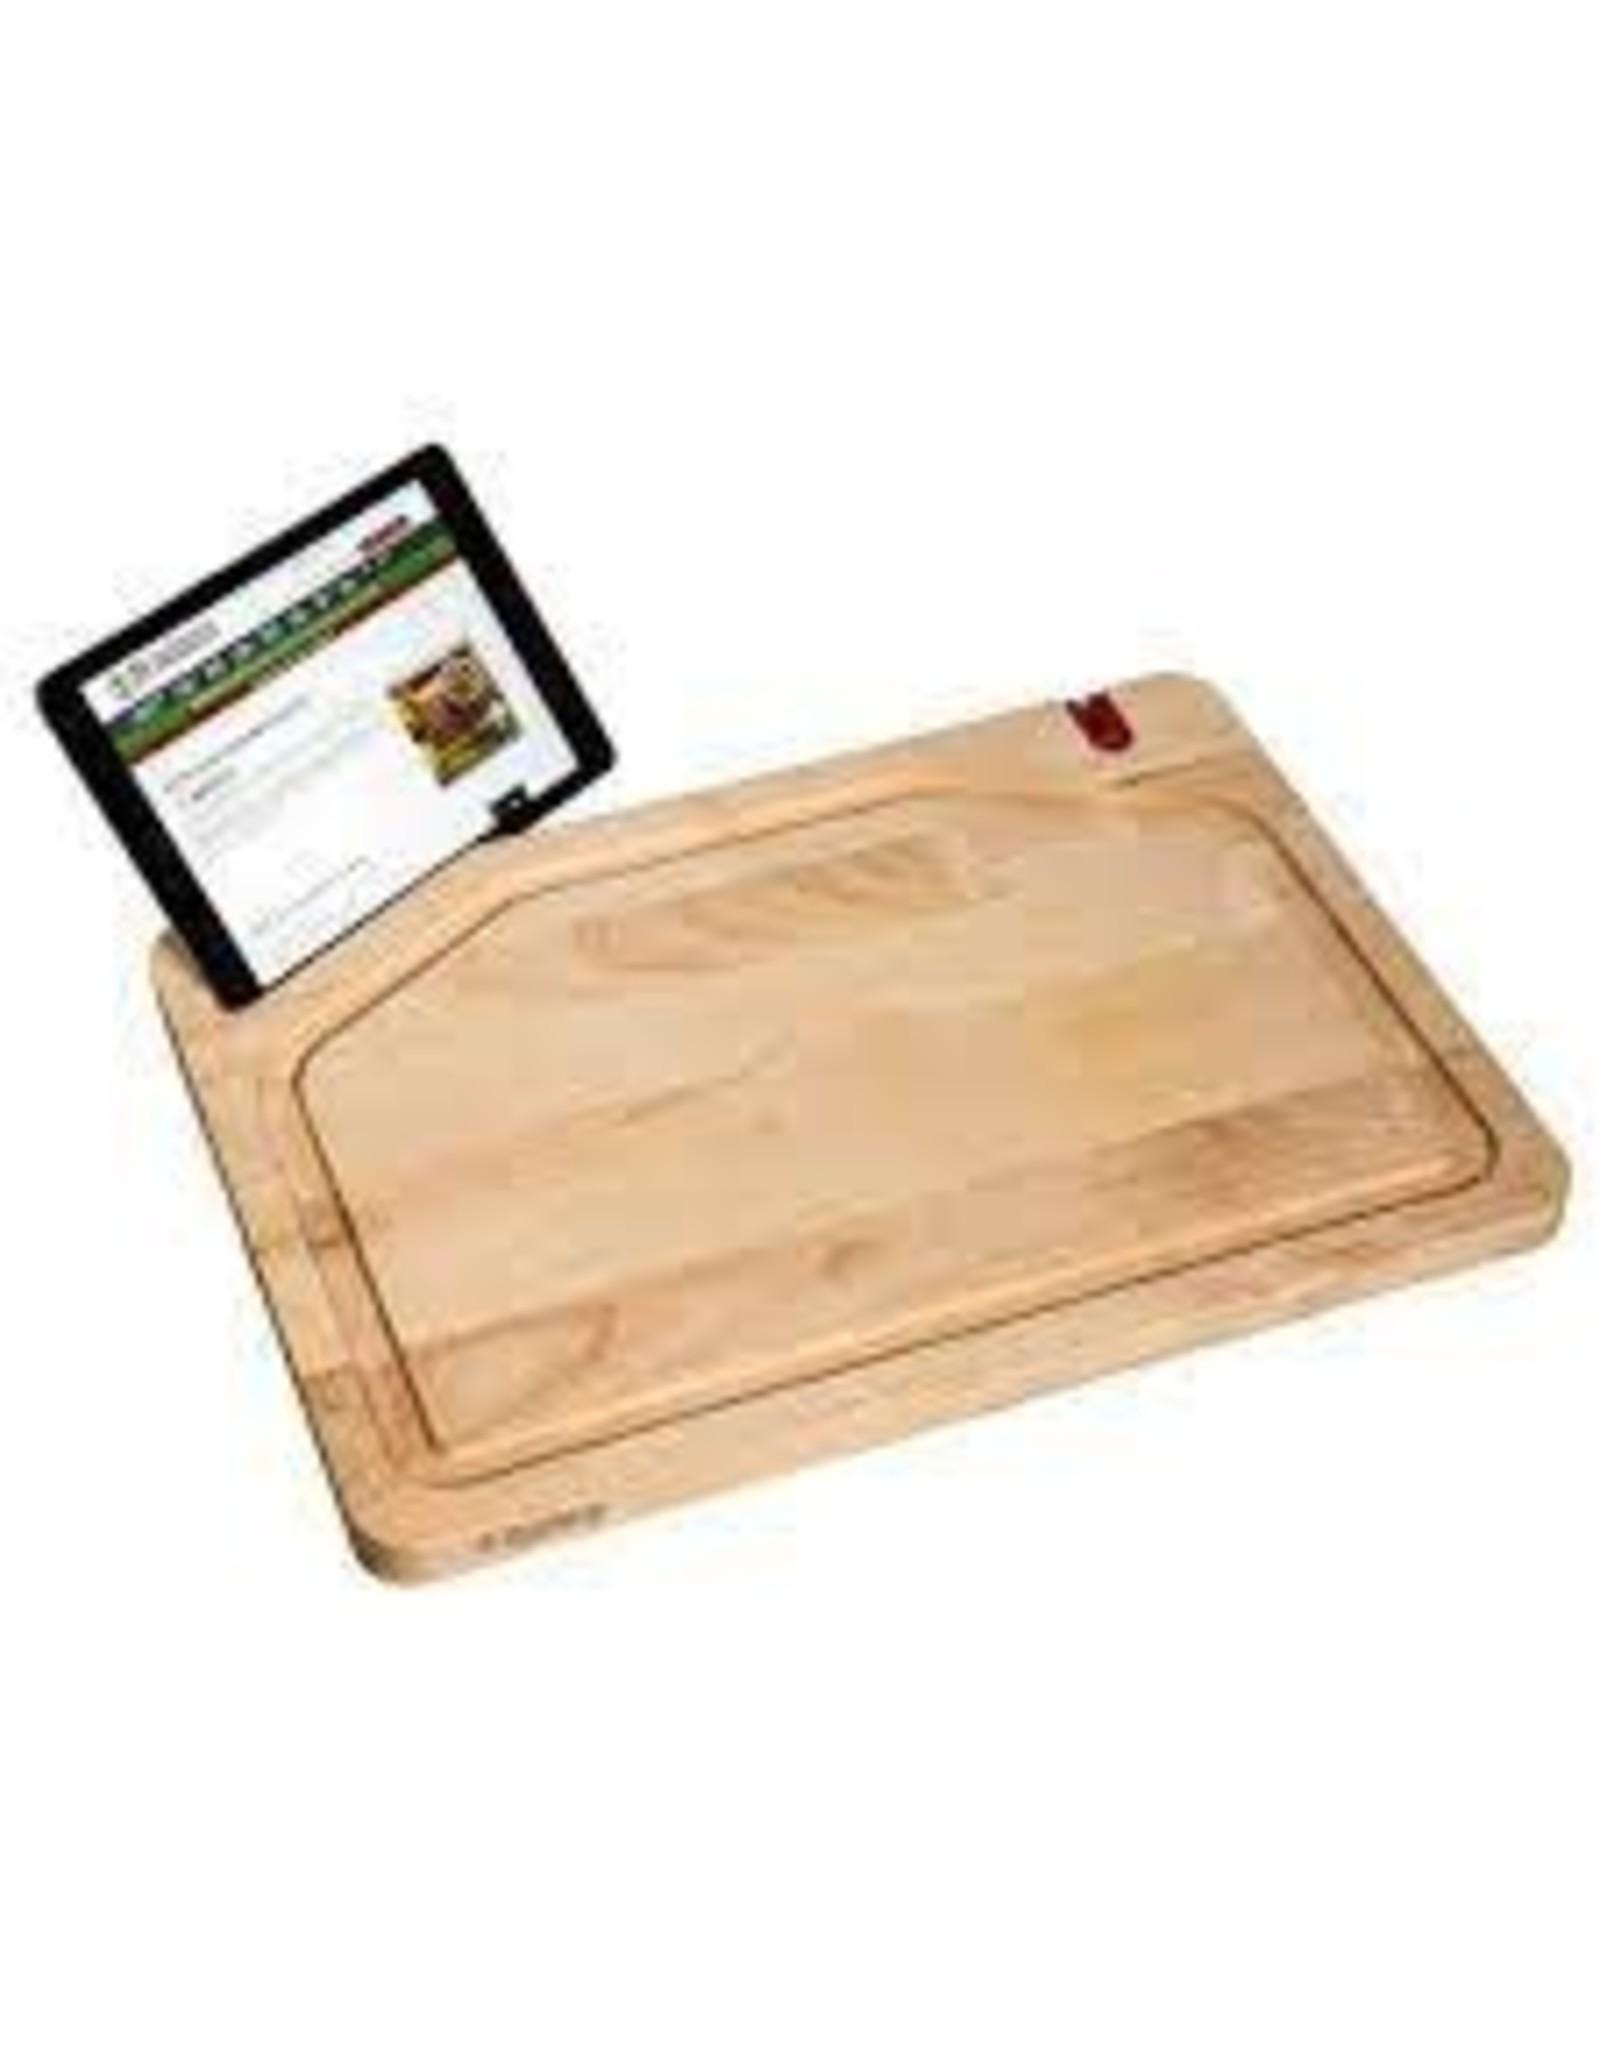 JK-ADAMS JK-ADAM Pro Edge maple Board W Sharpener & Tech Slot